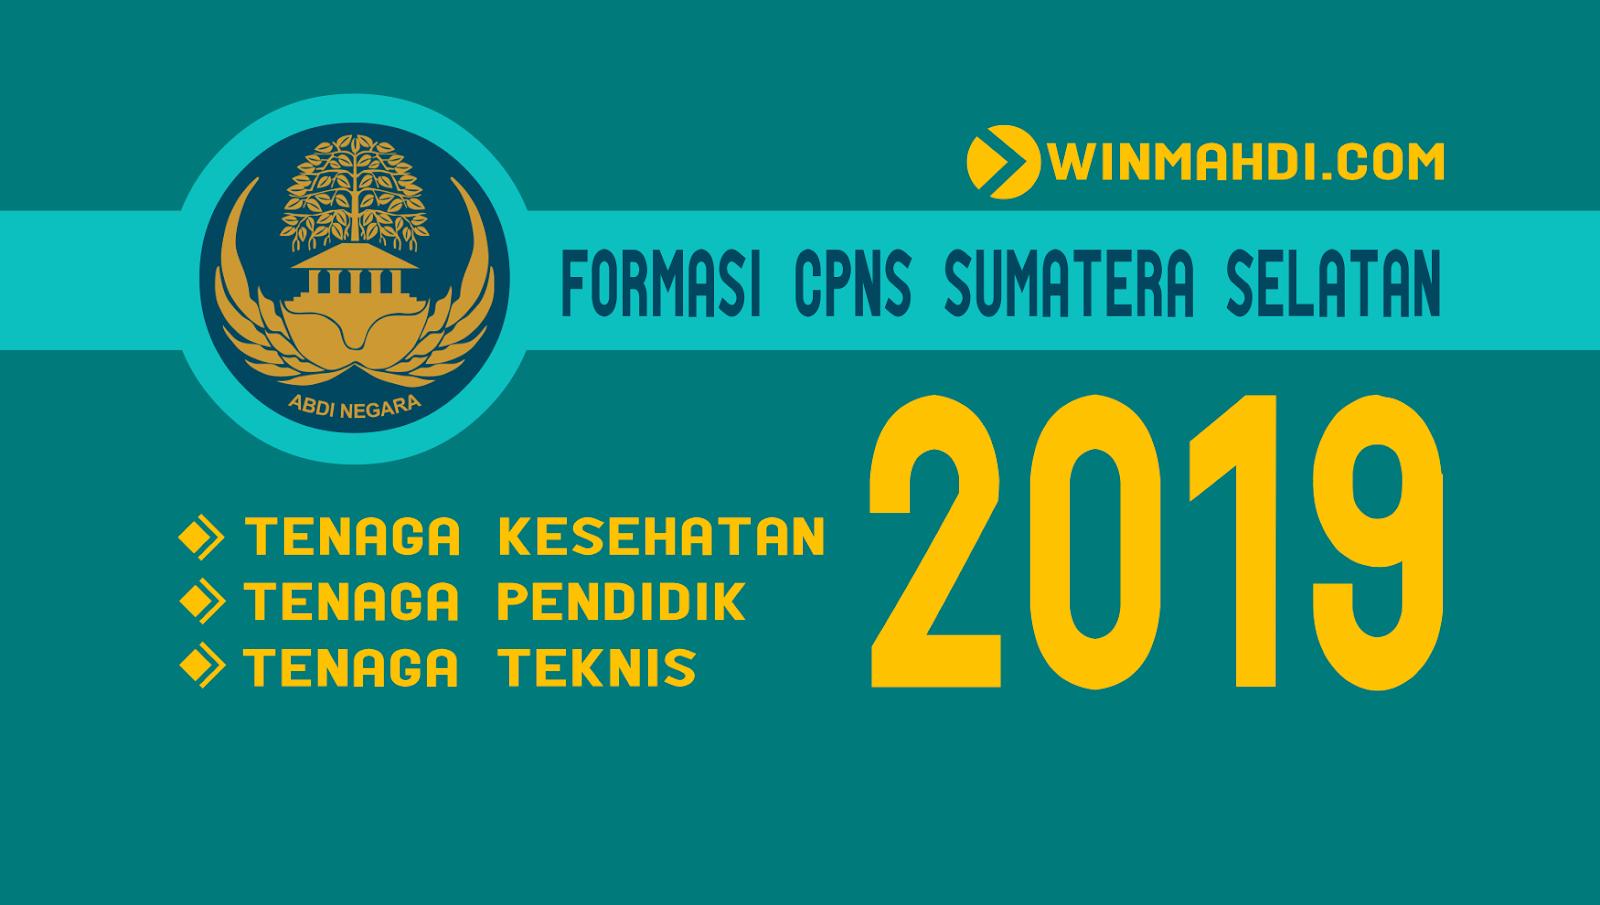 Daftar Formasi CPNS Sumatera Selatan 2019